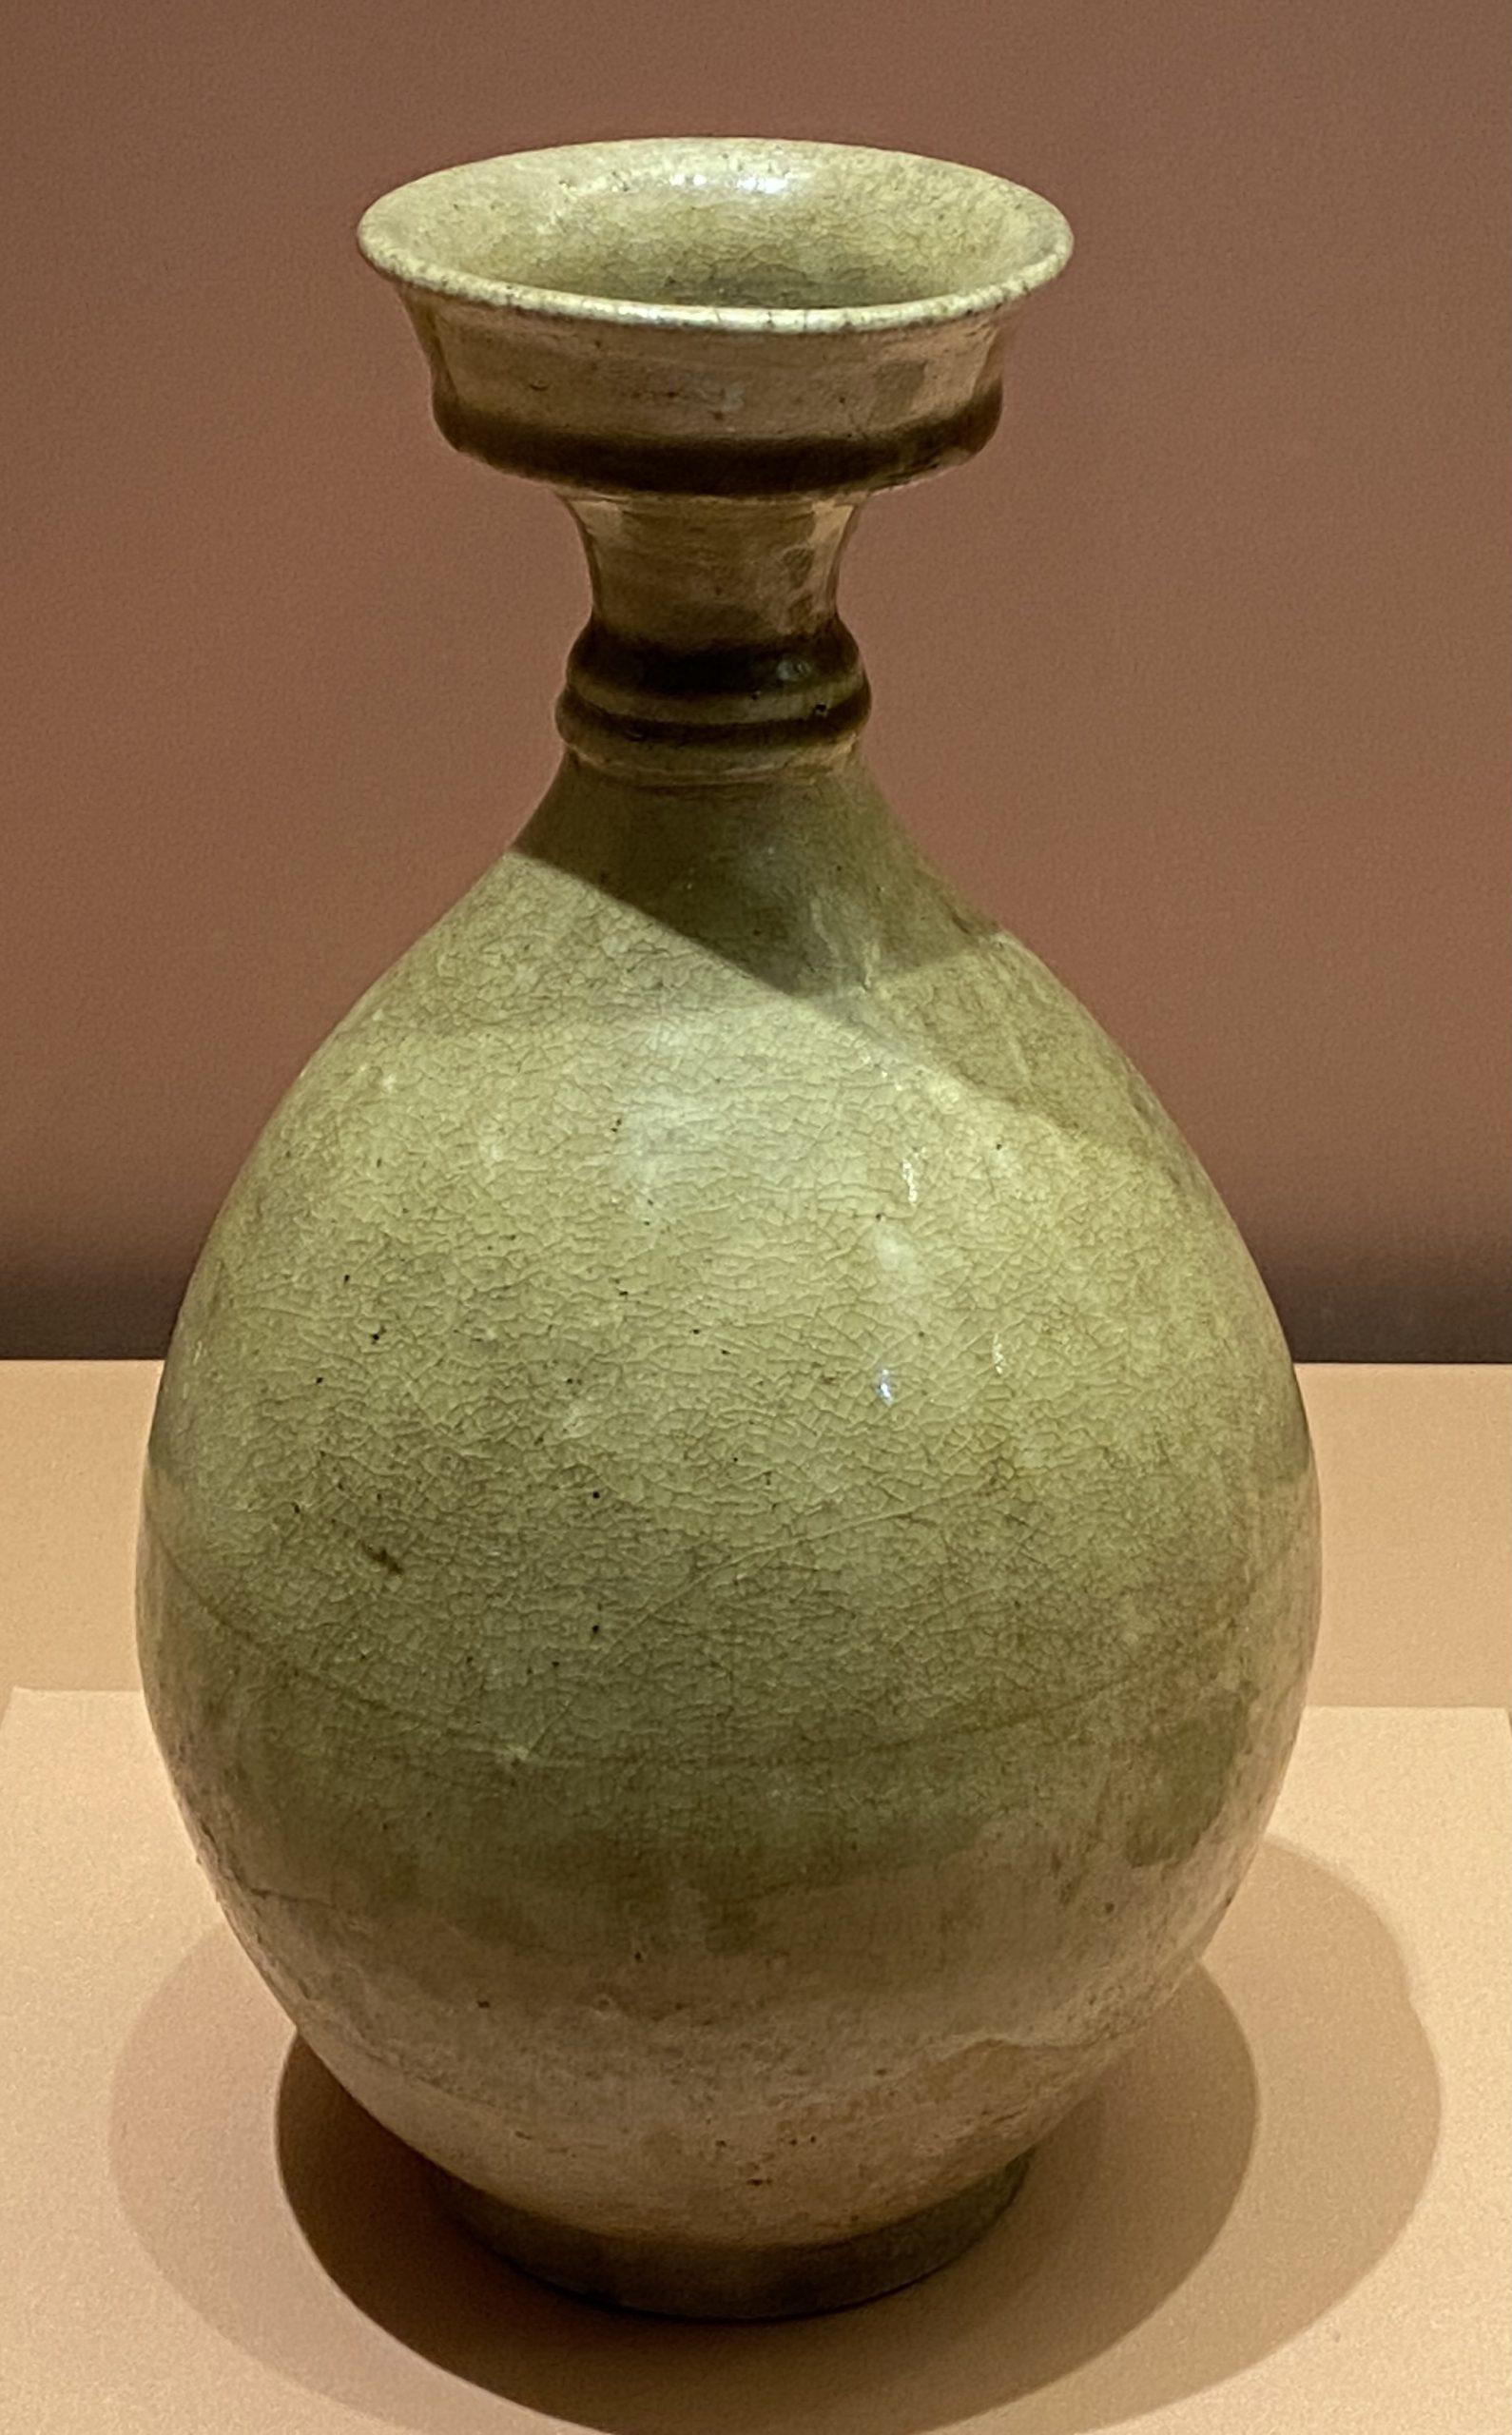 青釉盤口瓶-北朝時代-特別展【食味人間】四川博物院・中国国家博物館